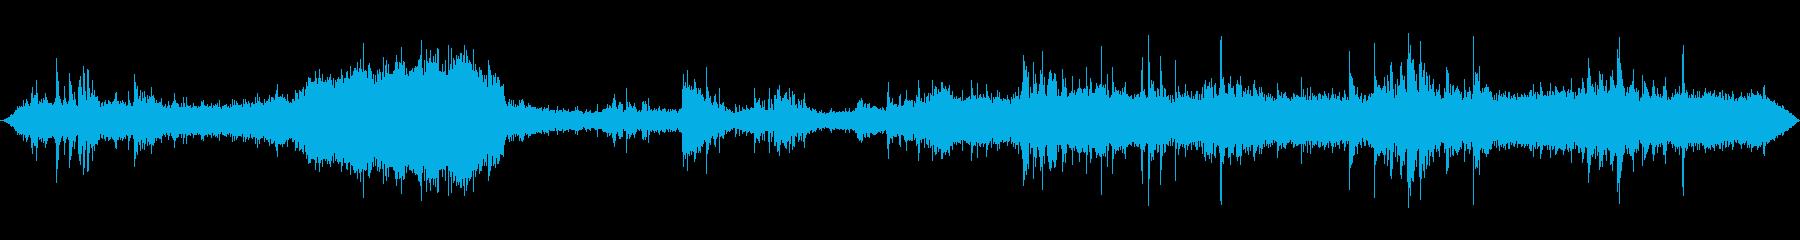 機械 ガベージコレクション02の再生済みの波形